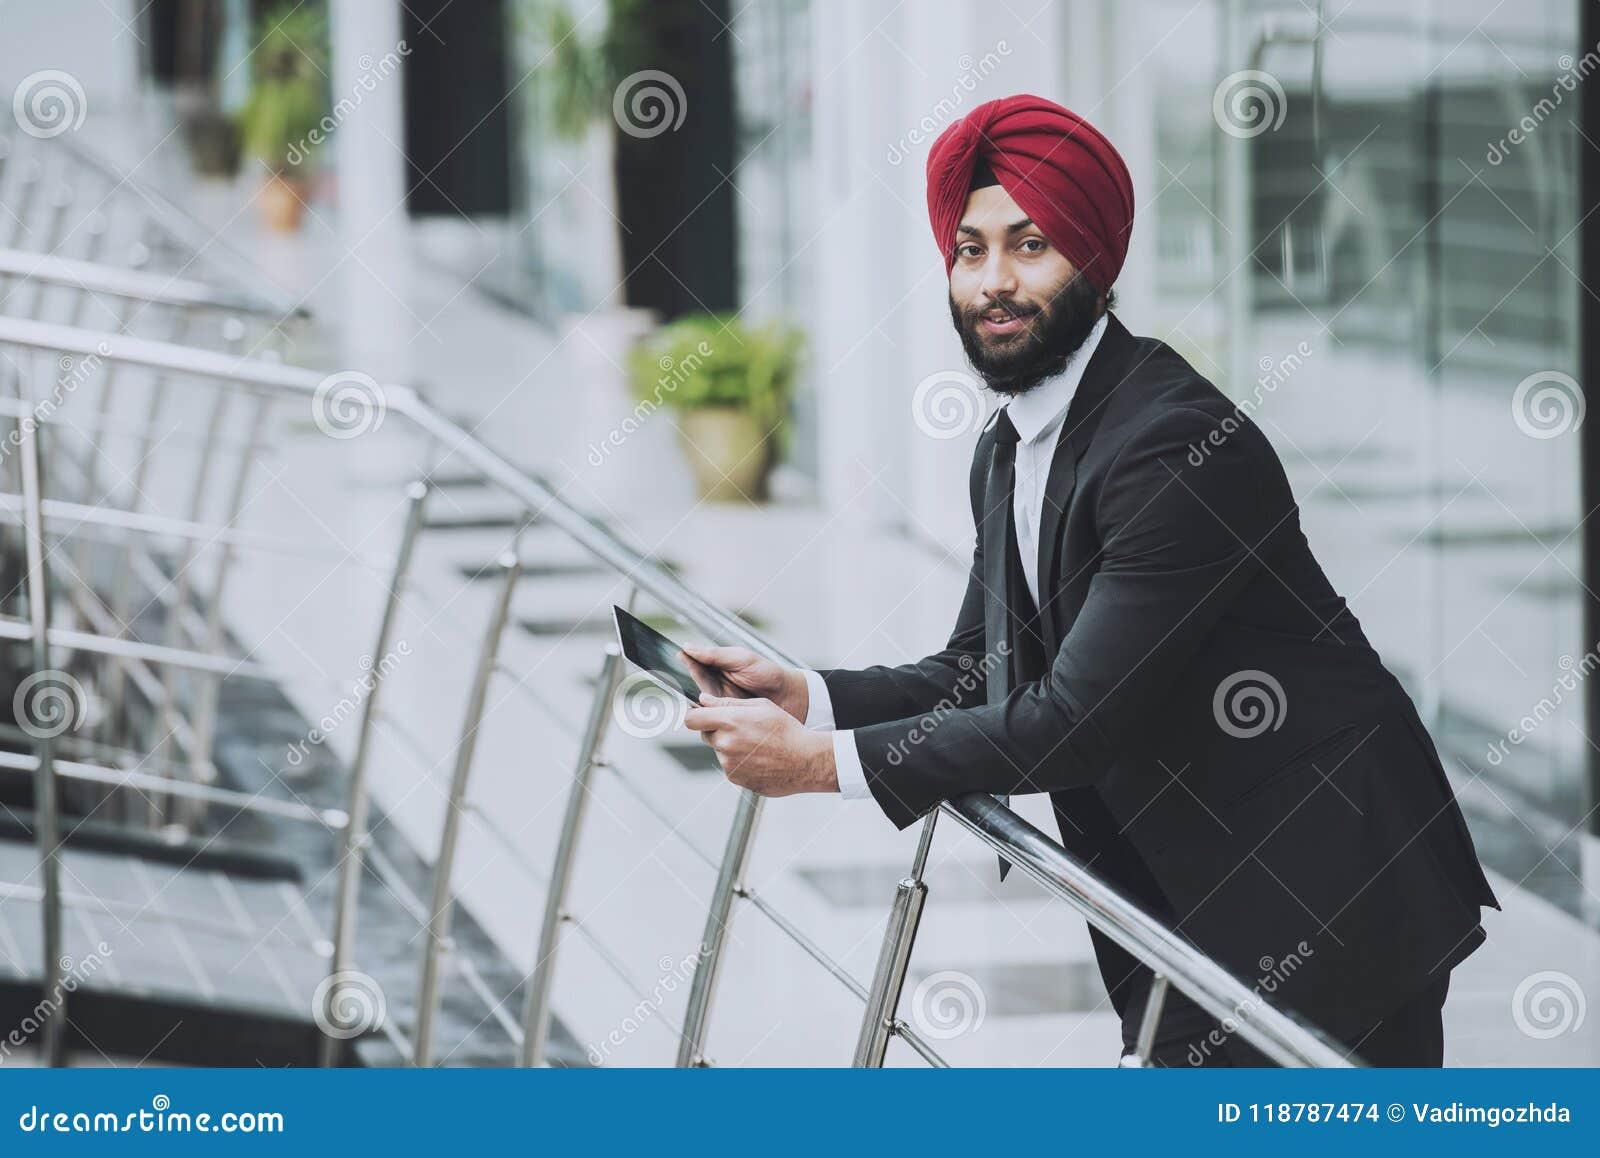 Молодой индийский бородатый бизнесмен в современном офисе